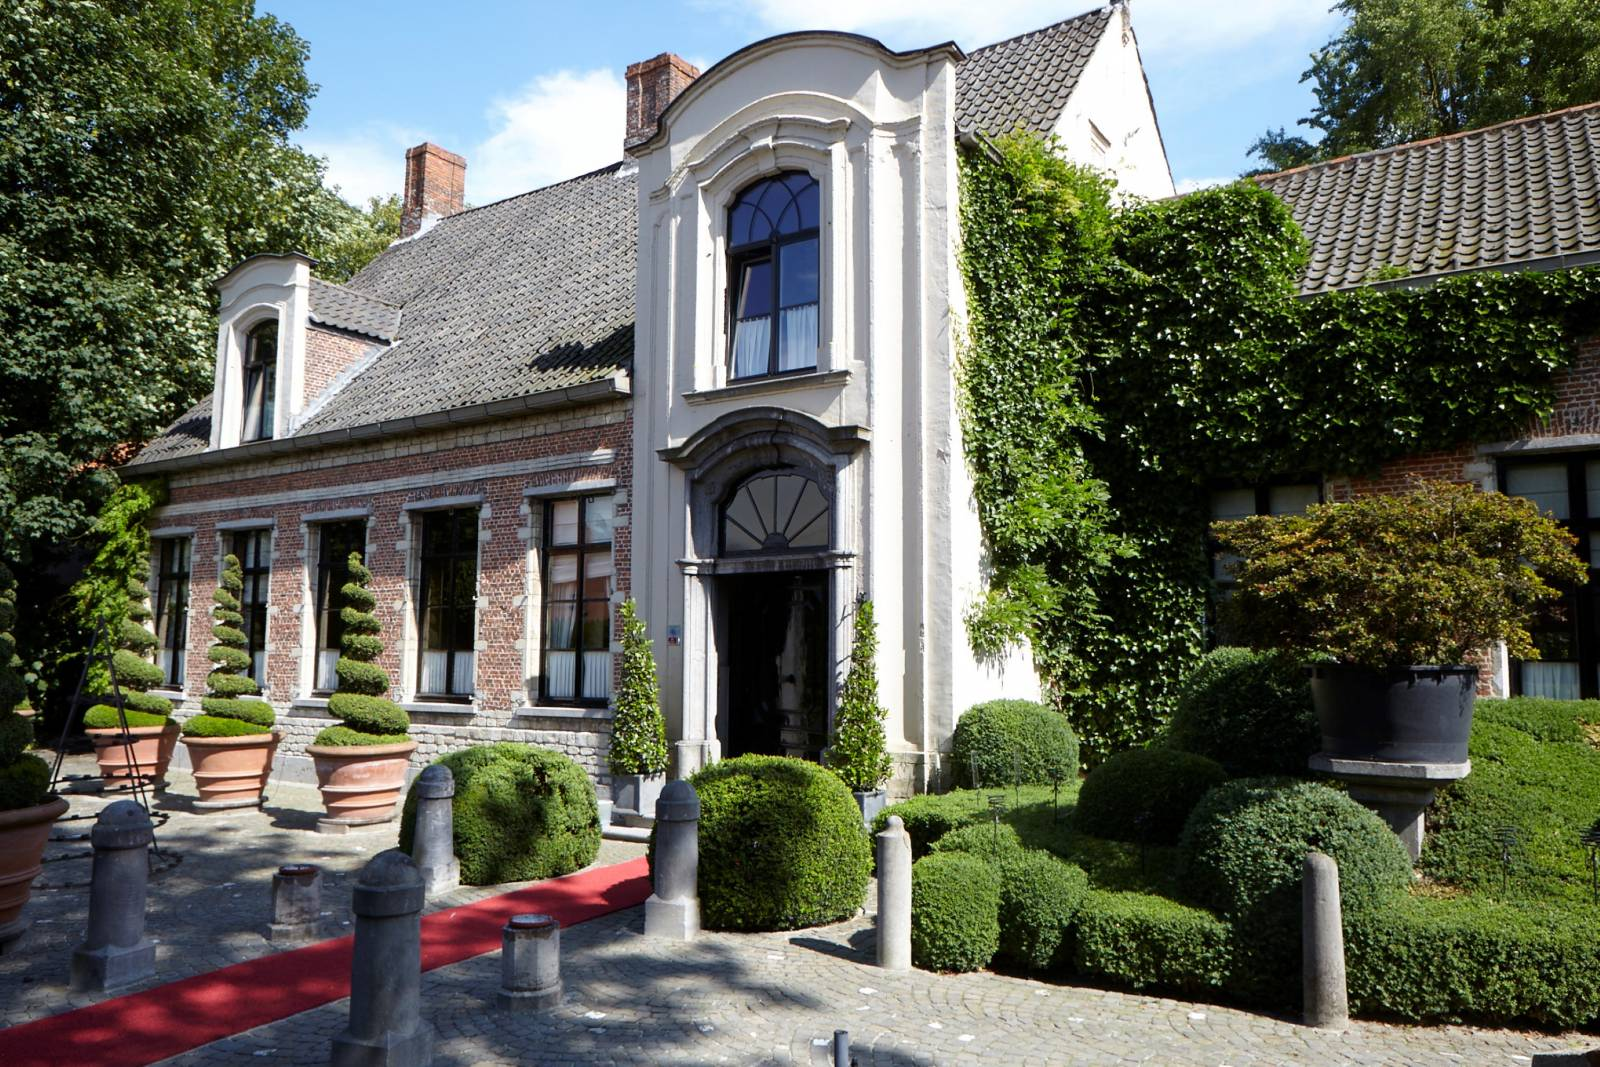 House of Weddings Salons Hof ten Damme Feestzaal Huwelijk Wedding Receptie Dansfeest culinair Gastronomisch Ceremonie (2) (Custom)